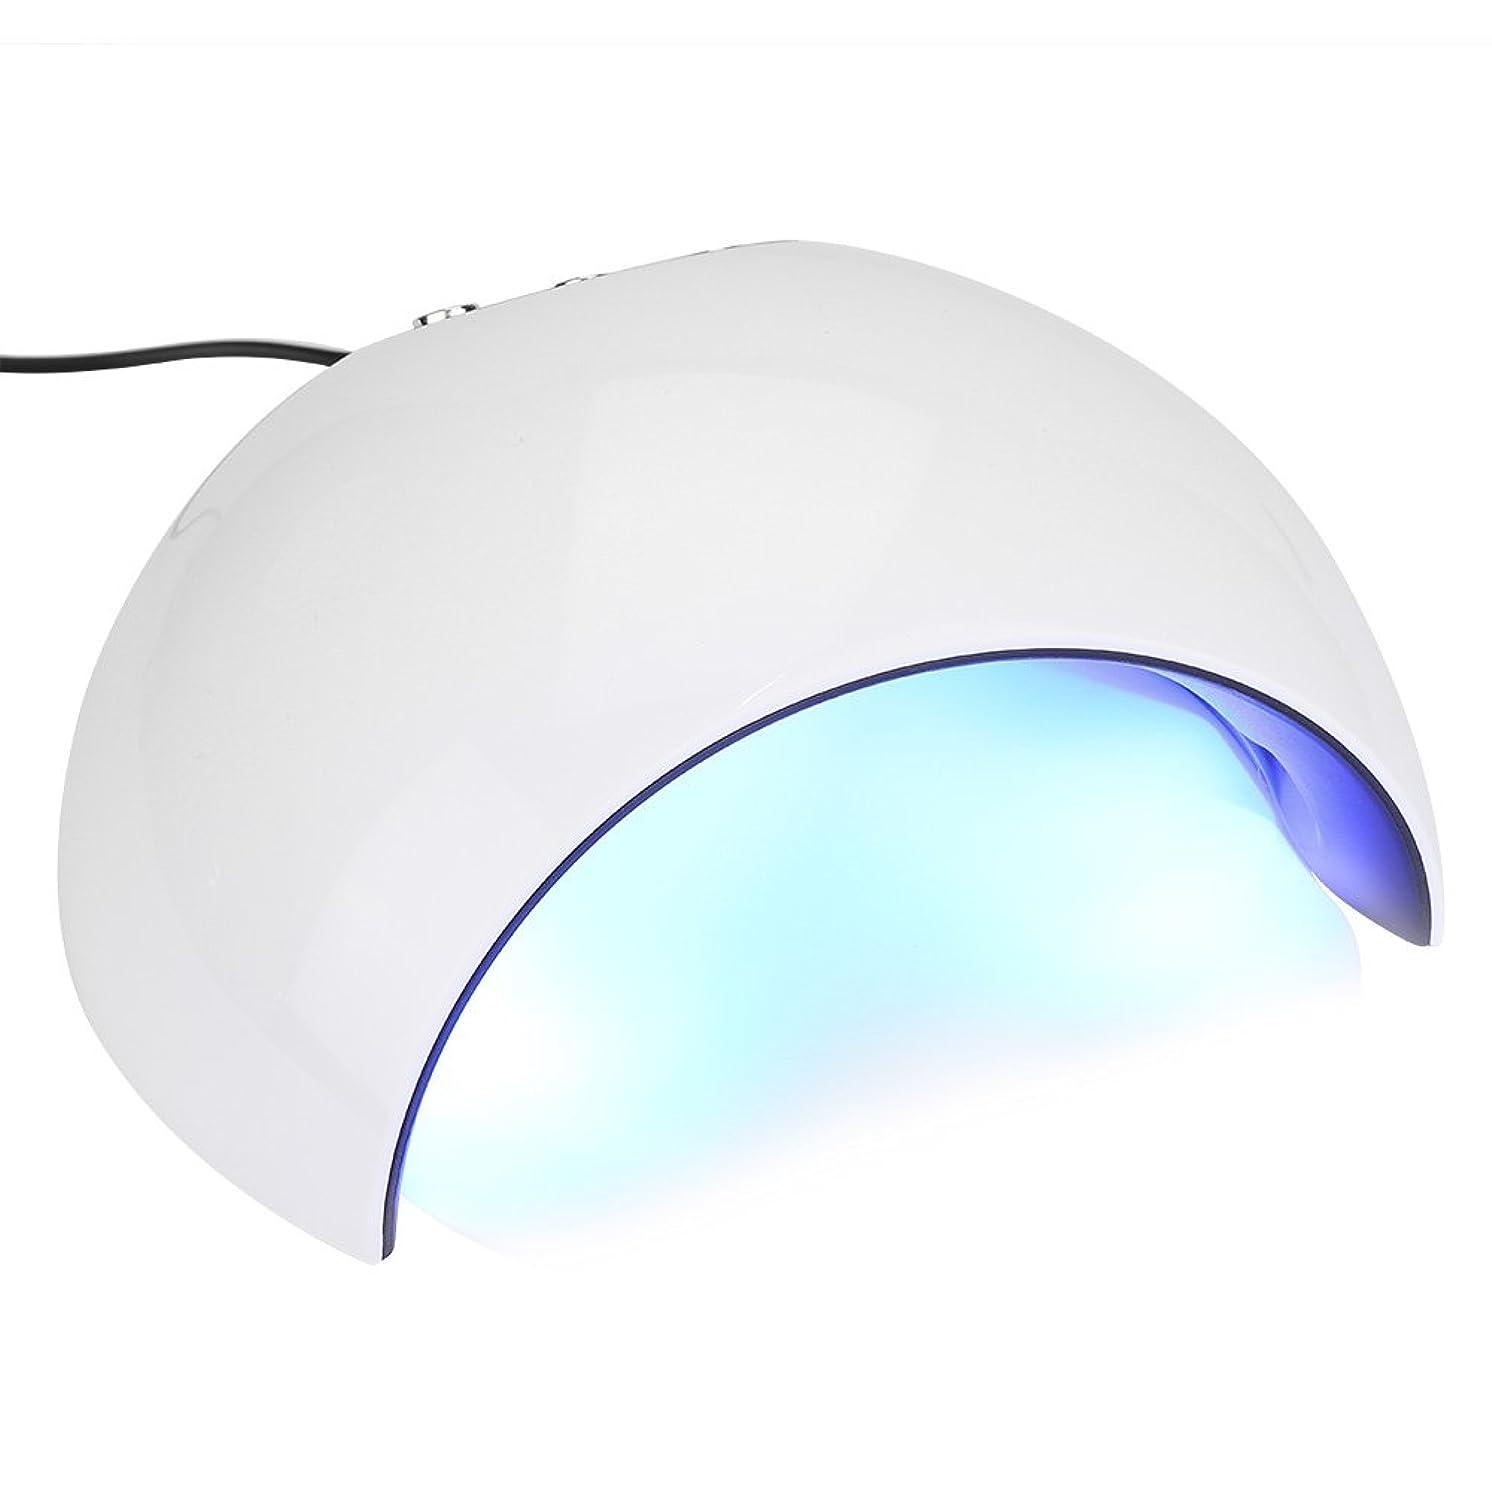 専門知識サーバント起業家24Wネイルドライヤー - 3タイマー60秒、90秒、120秒のUV LEDネイルランプ